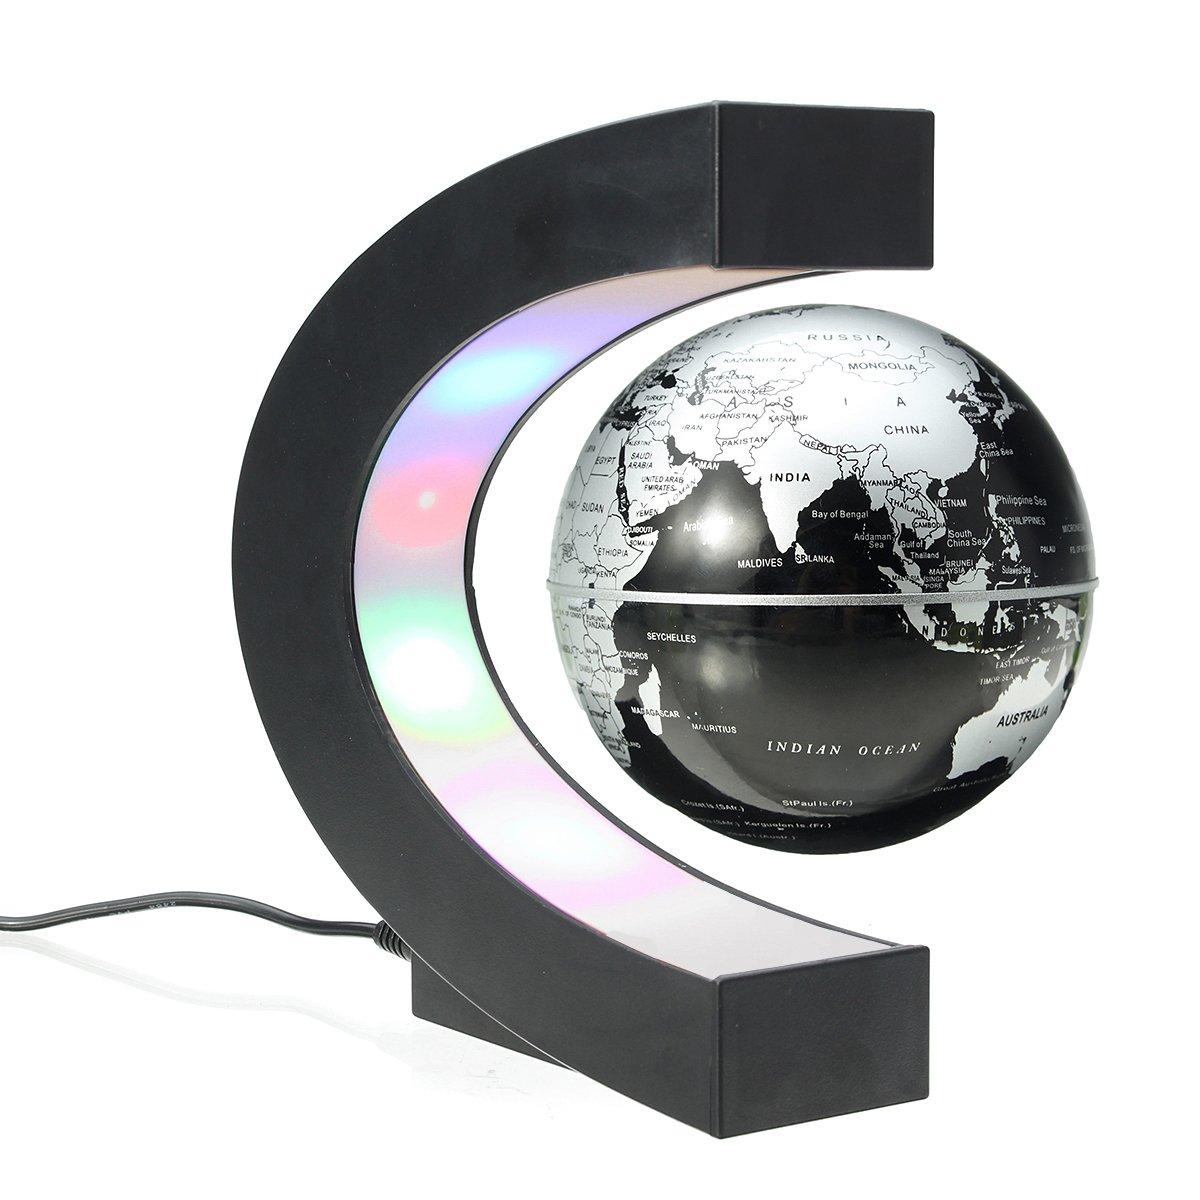 MECO Mappamondo Magnetico 3 Pollici Globo Magnetico Levitazione Elettronico Luce LED Decorazione Della Casa Ufficio Regali d'affari Studente Educazione Lampadina Argento e Nero